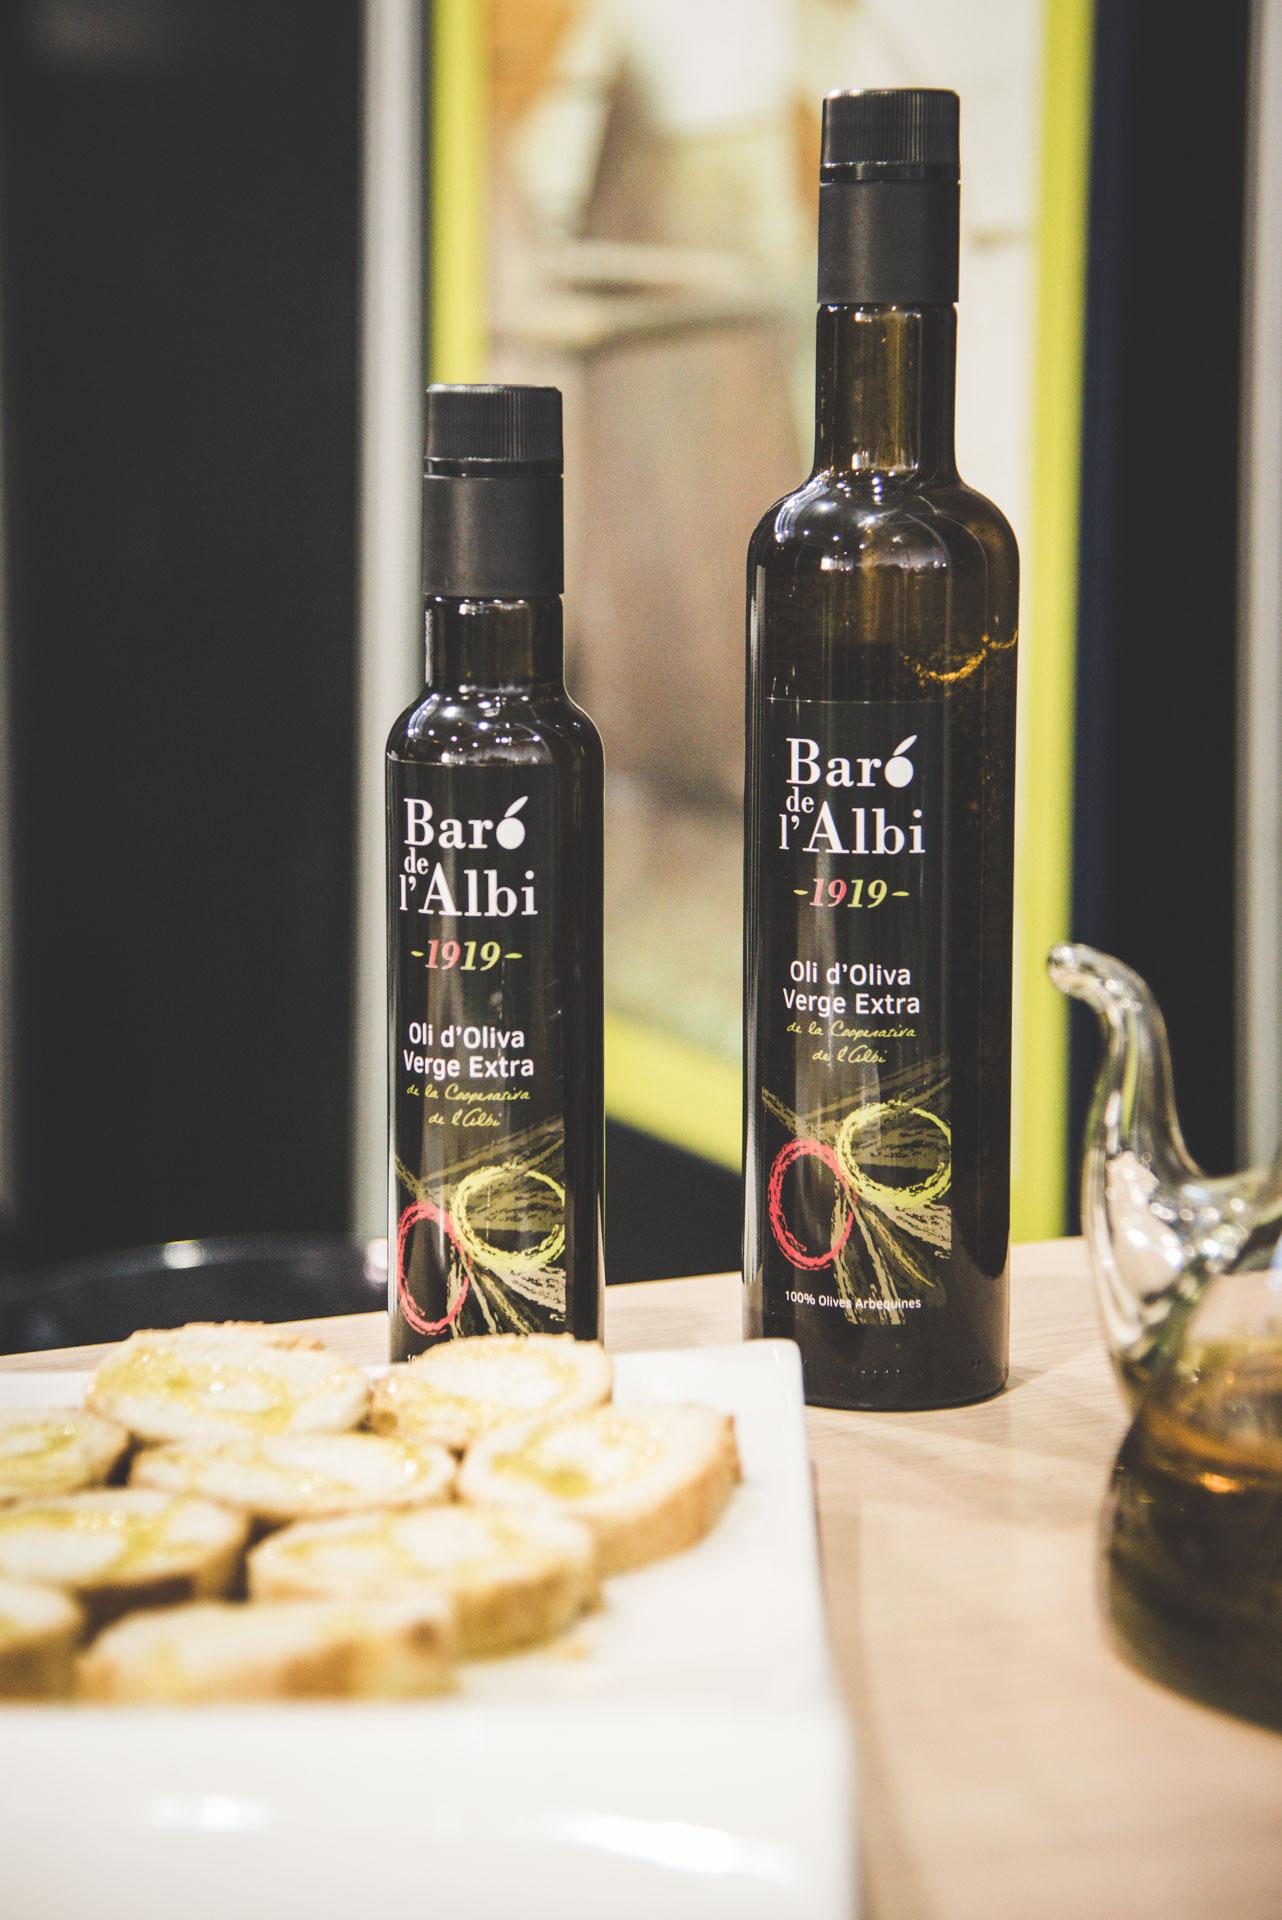 Oli d'oliva verge extra. Cooperativa Agrícola de l'Albi. Ampolles d'oli a la Fira d'oli de les Borges Blanques